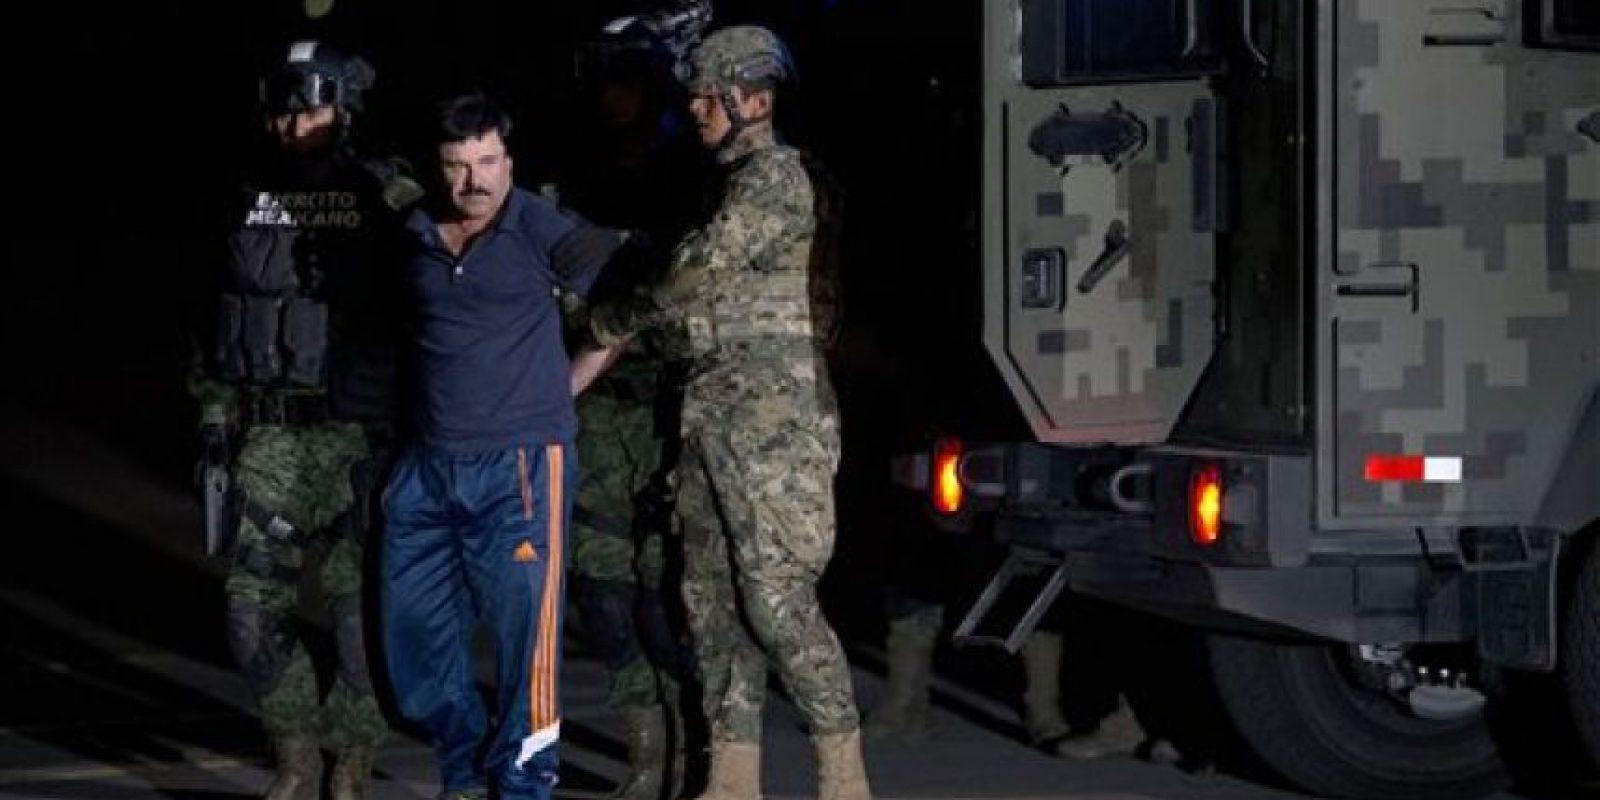 Cuando las autoridades lograron capturarlo lo internaron en el mismo penal y aseguraron a la población que aumentarían el nivel de seguridad. Foto:AP